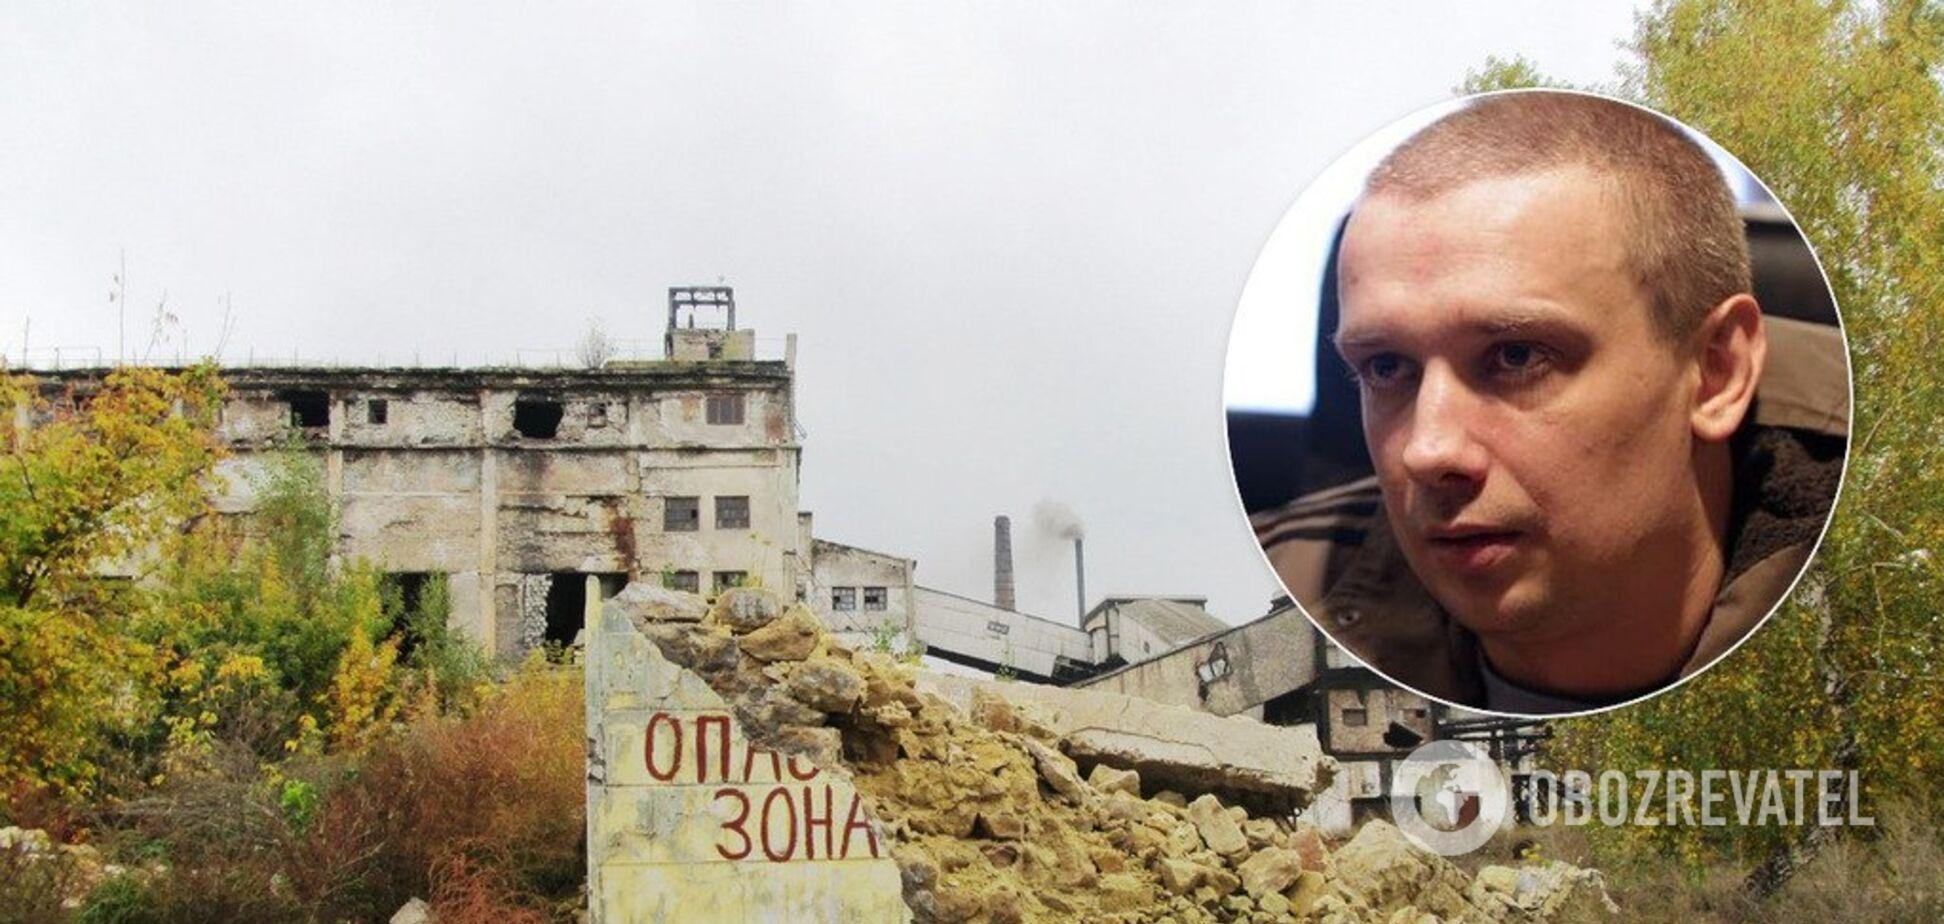 Сжигали на заводе, тела сбрасывали в шахты: бывший узник рассказал о могильниках в 'ЛНР'